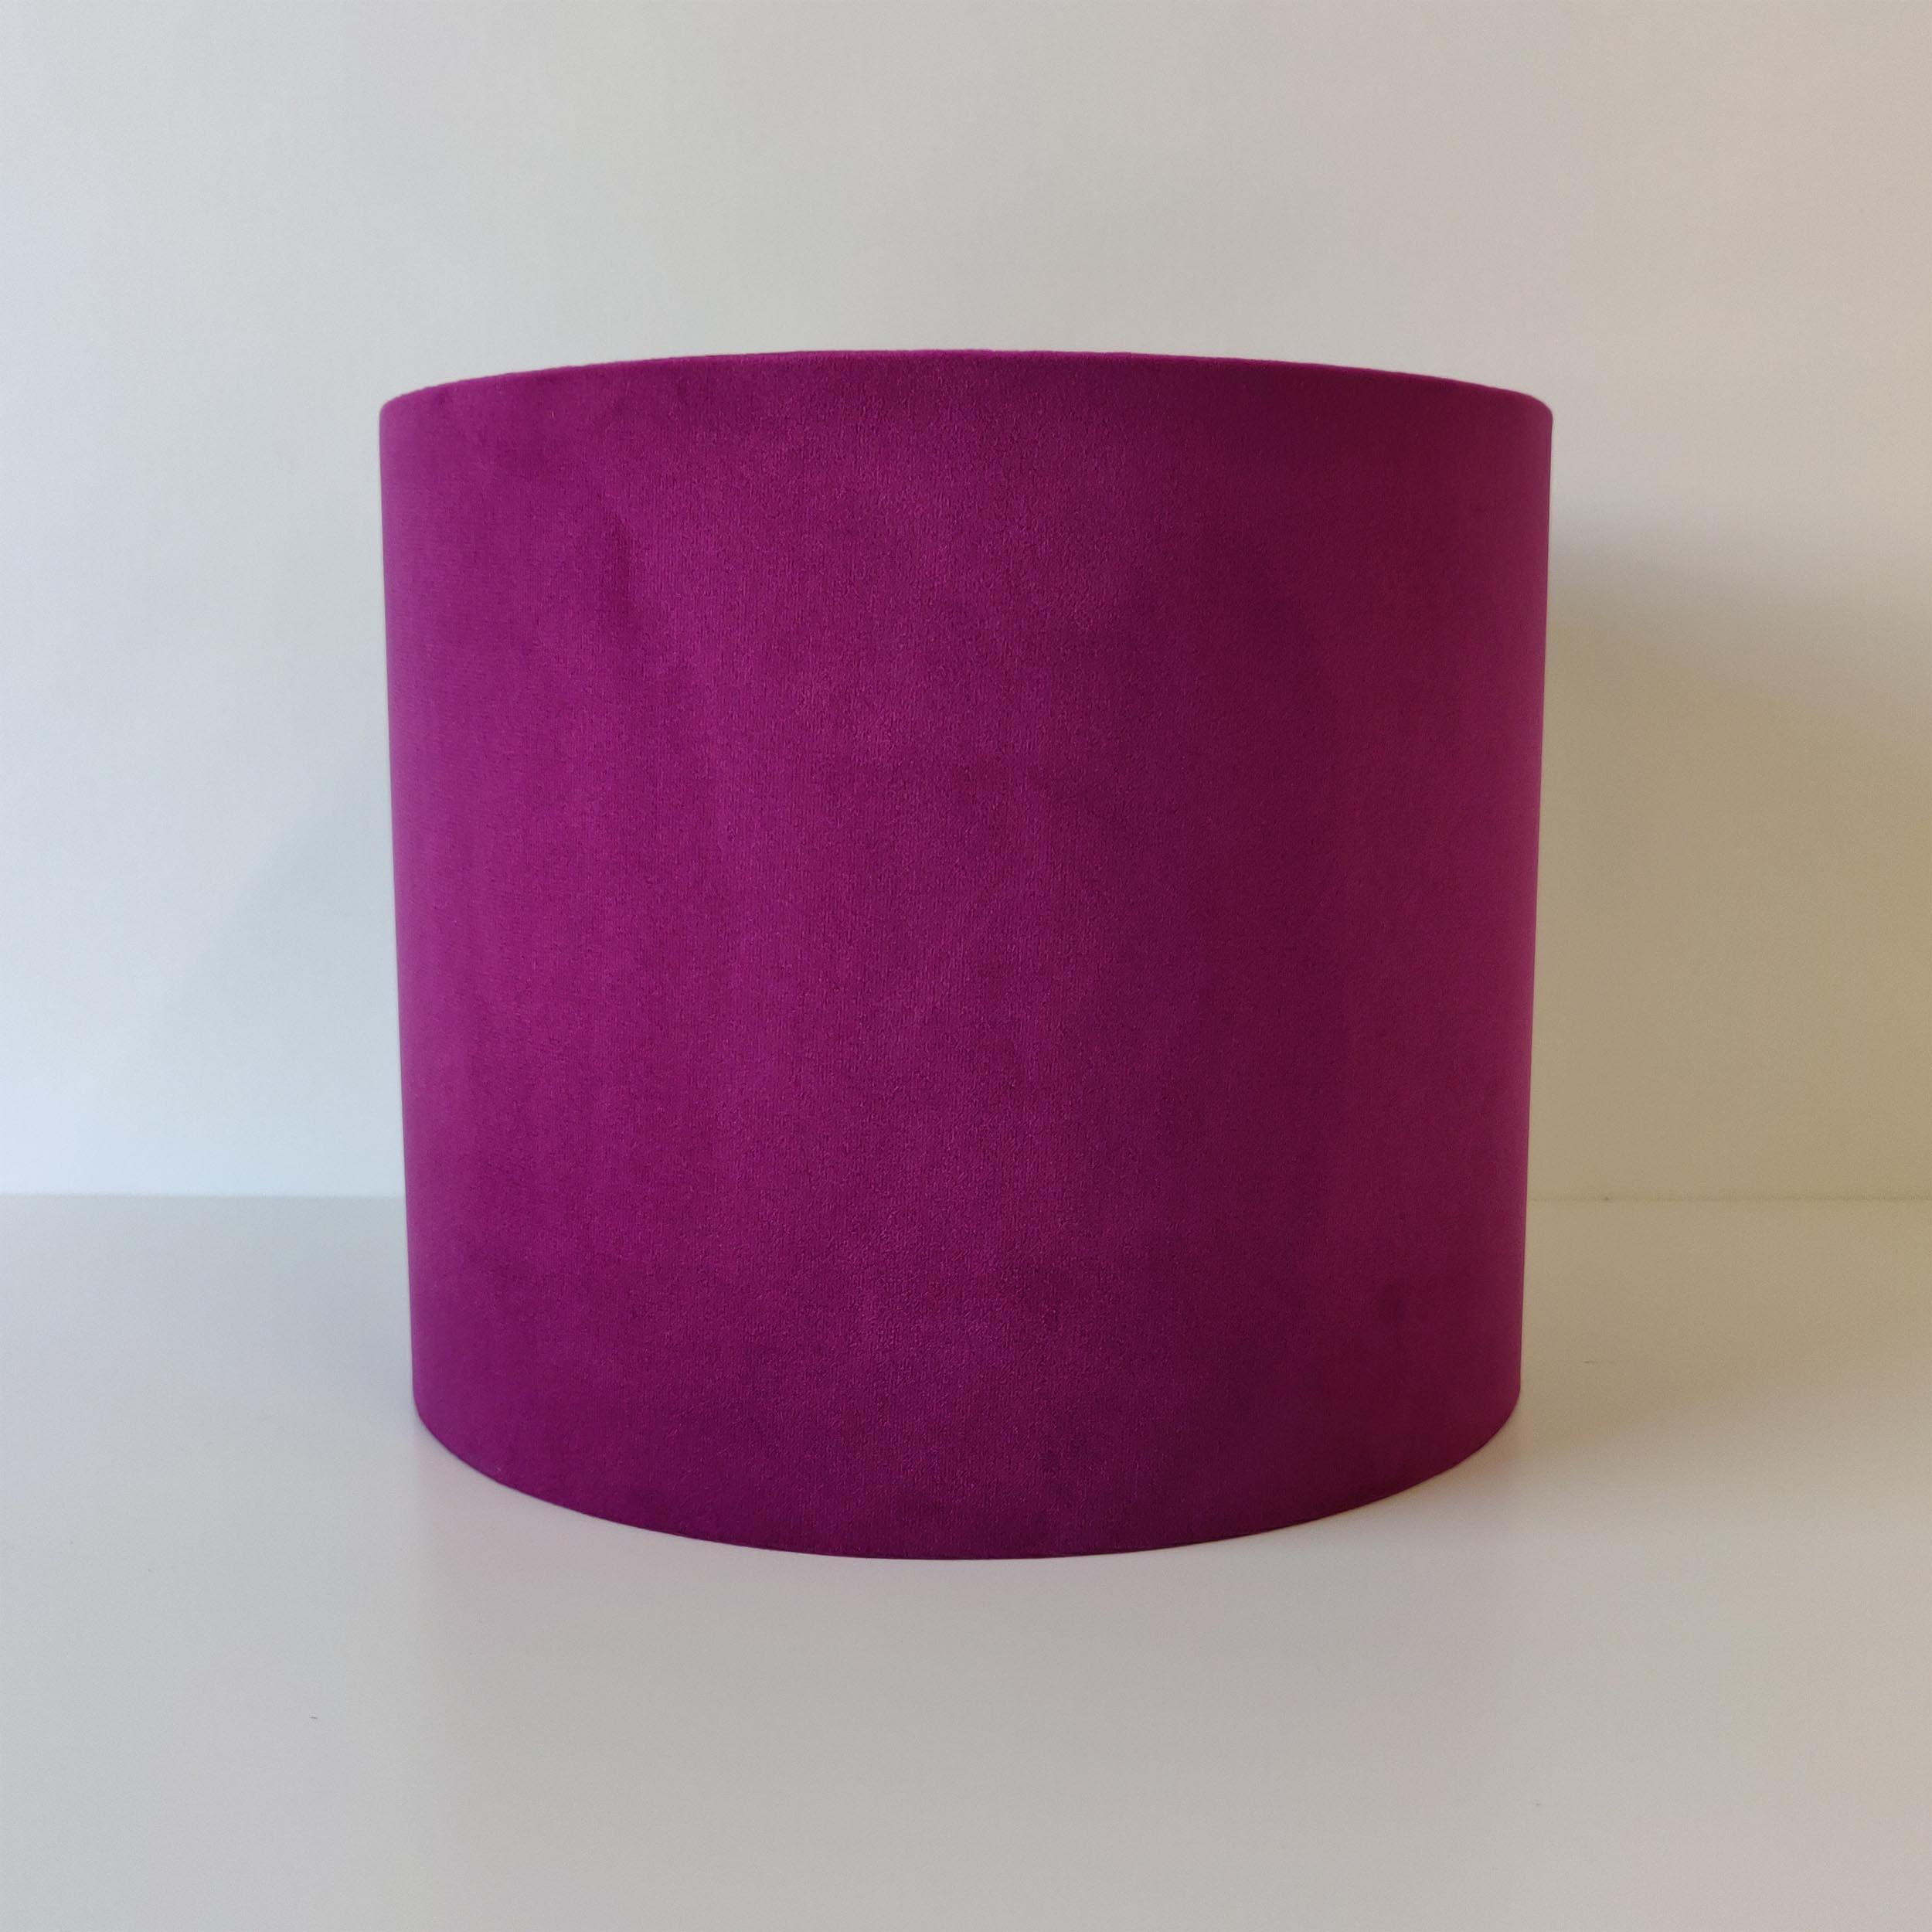 Plum Velvet Lampshade in Purple